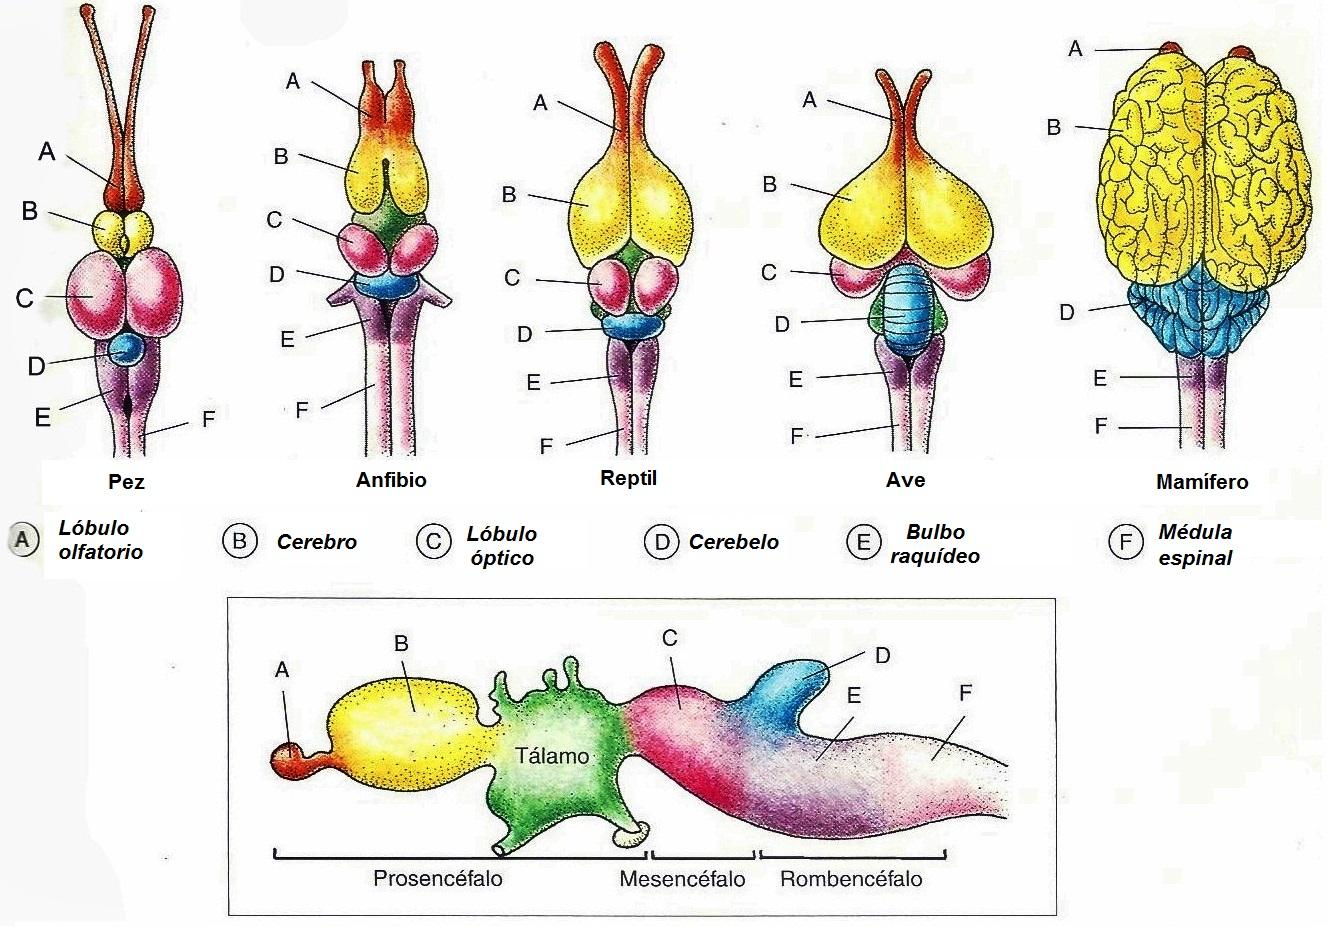 Sistemas nerviosos: el tronco encefálico y el cerebelo - Cuaderno de ...